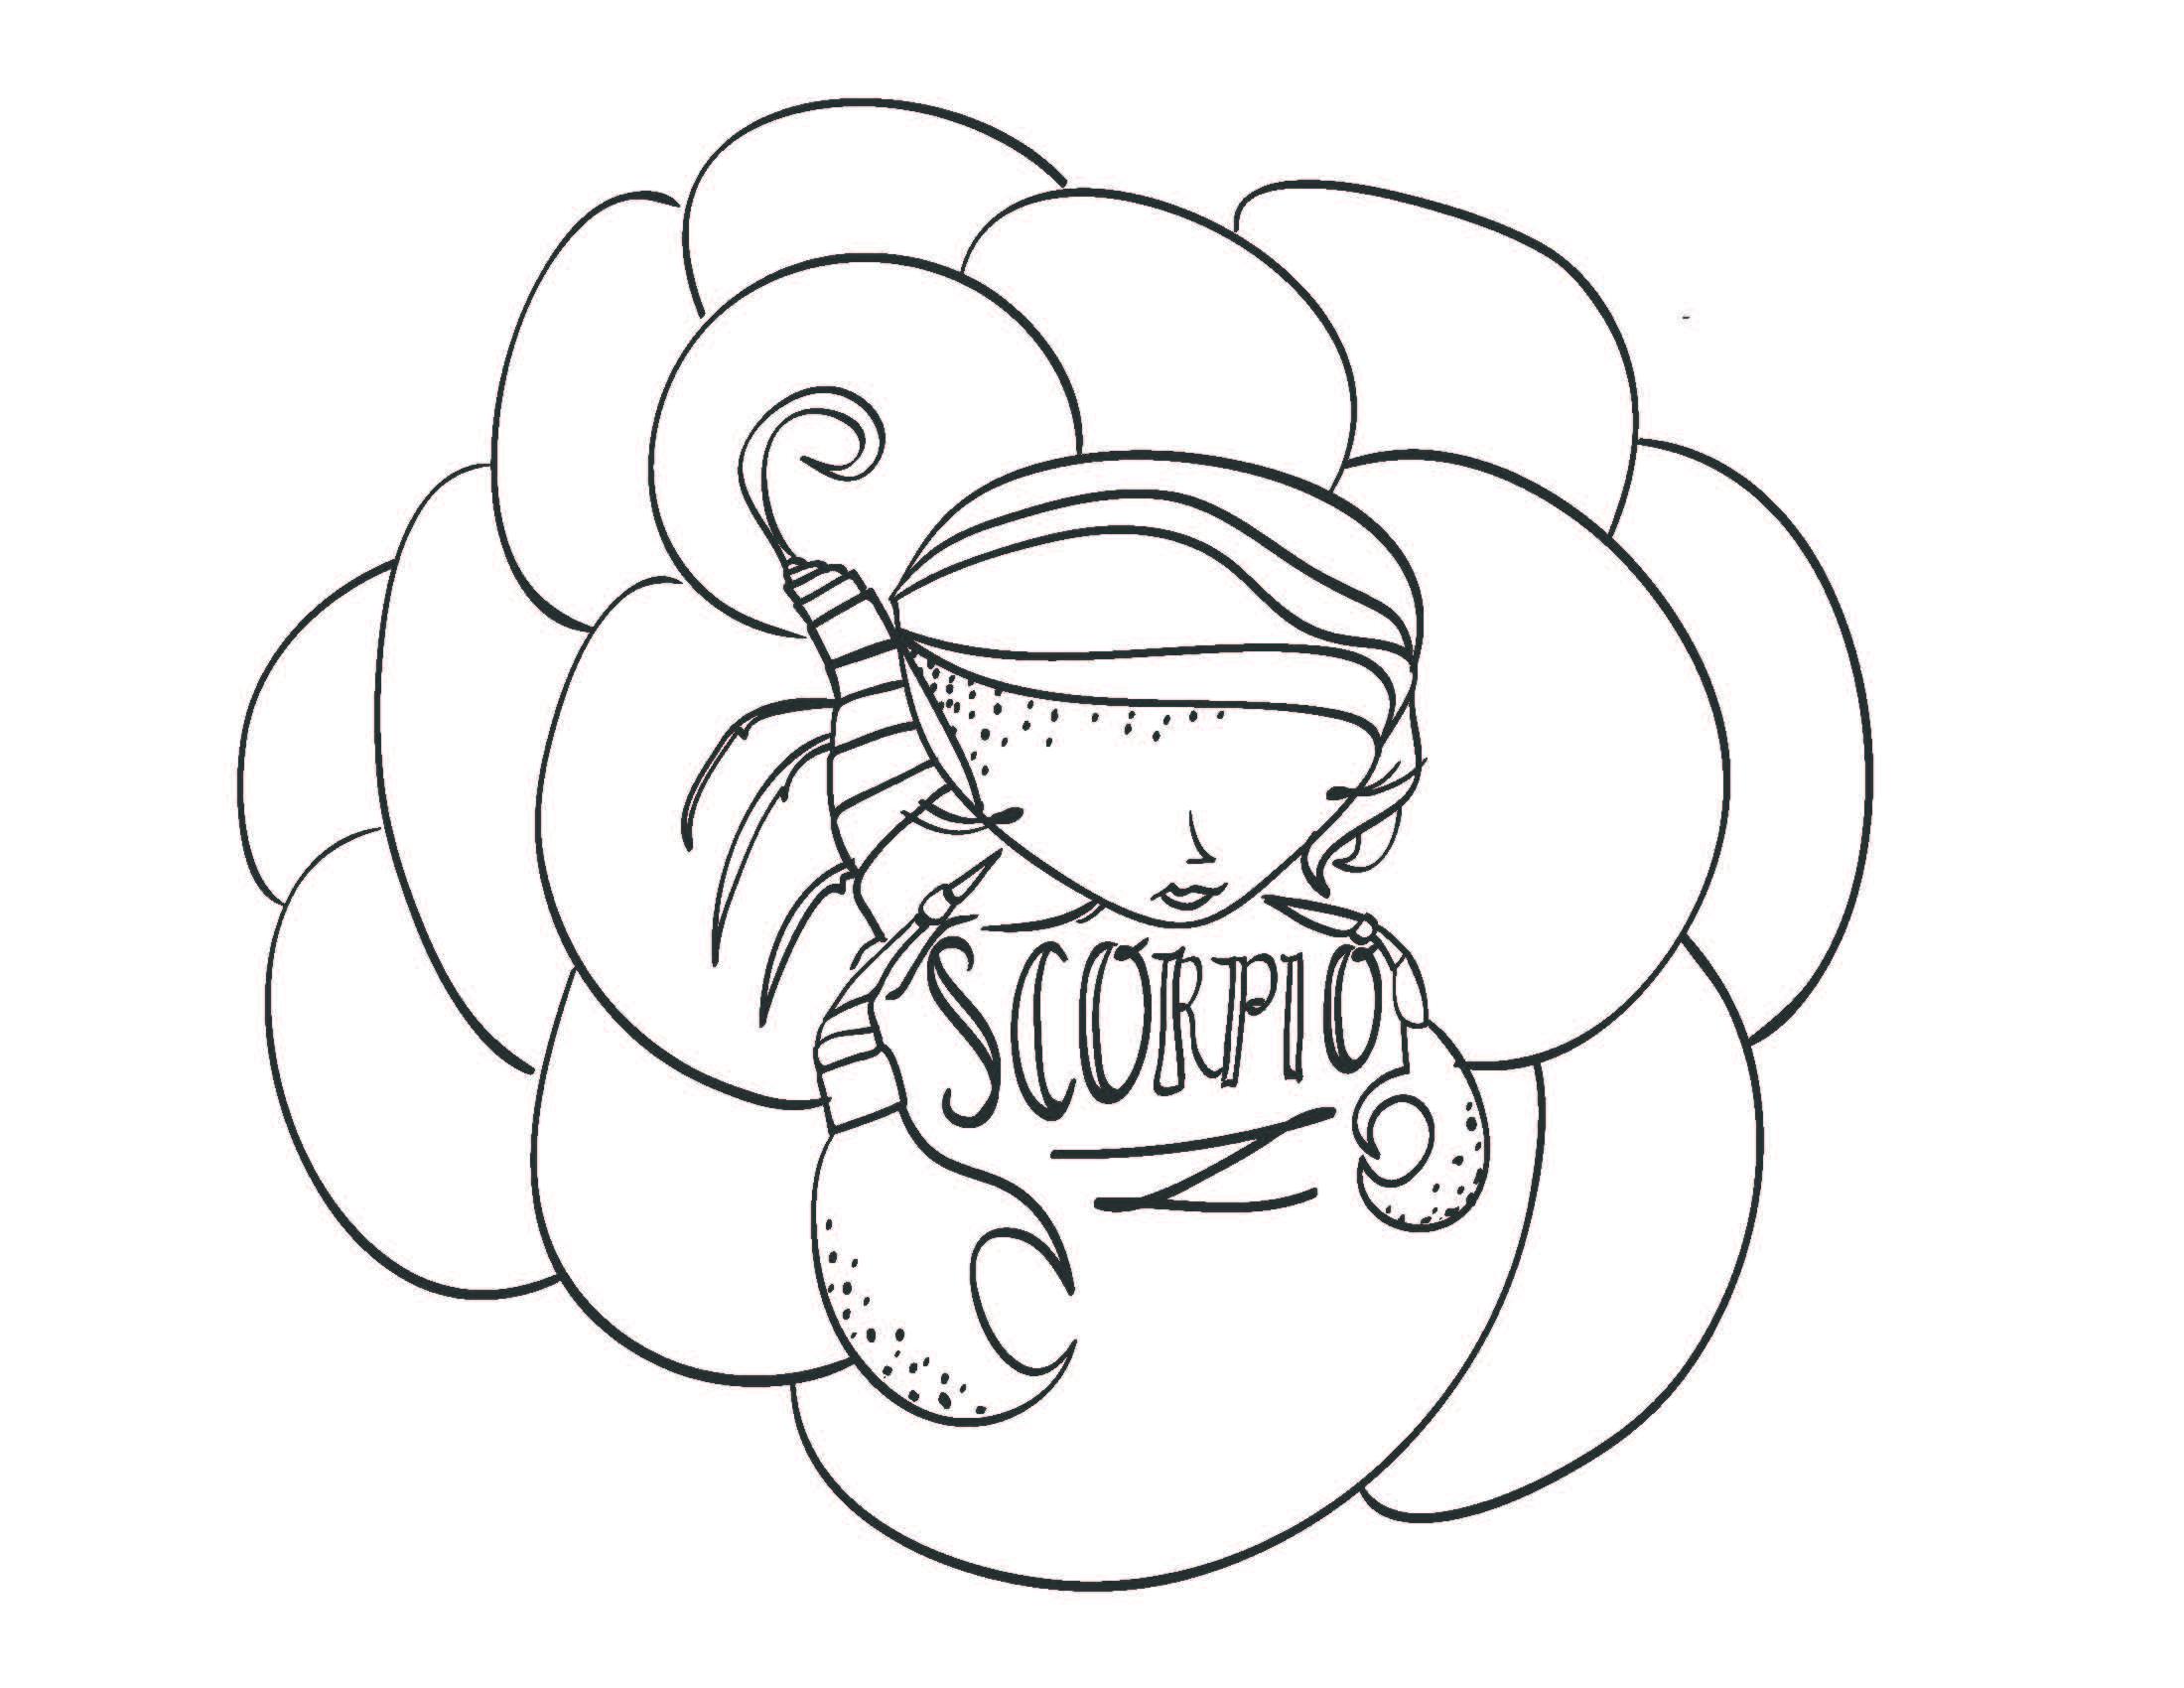 zodiac-sophie_Page_04.jpg